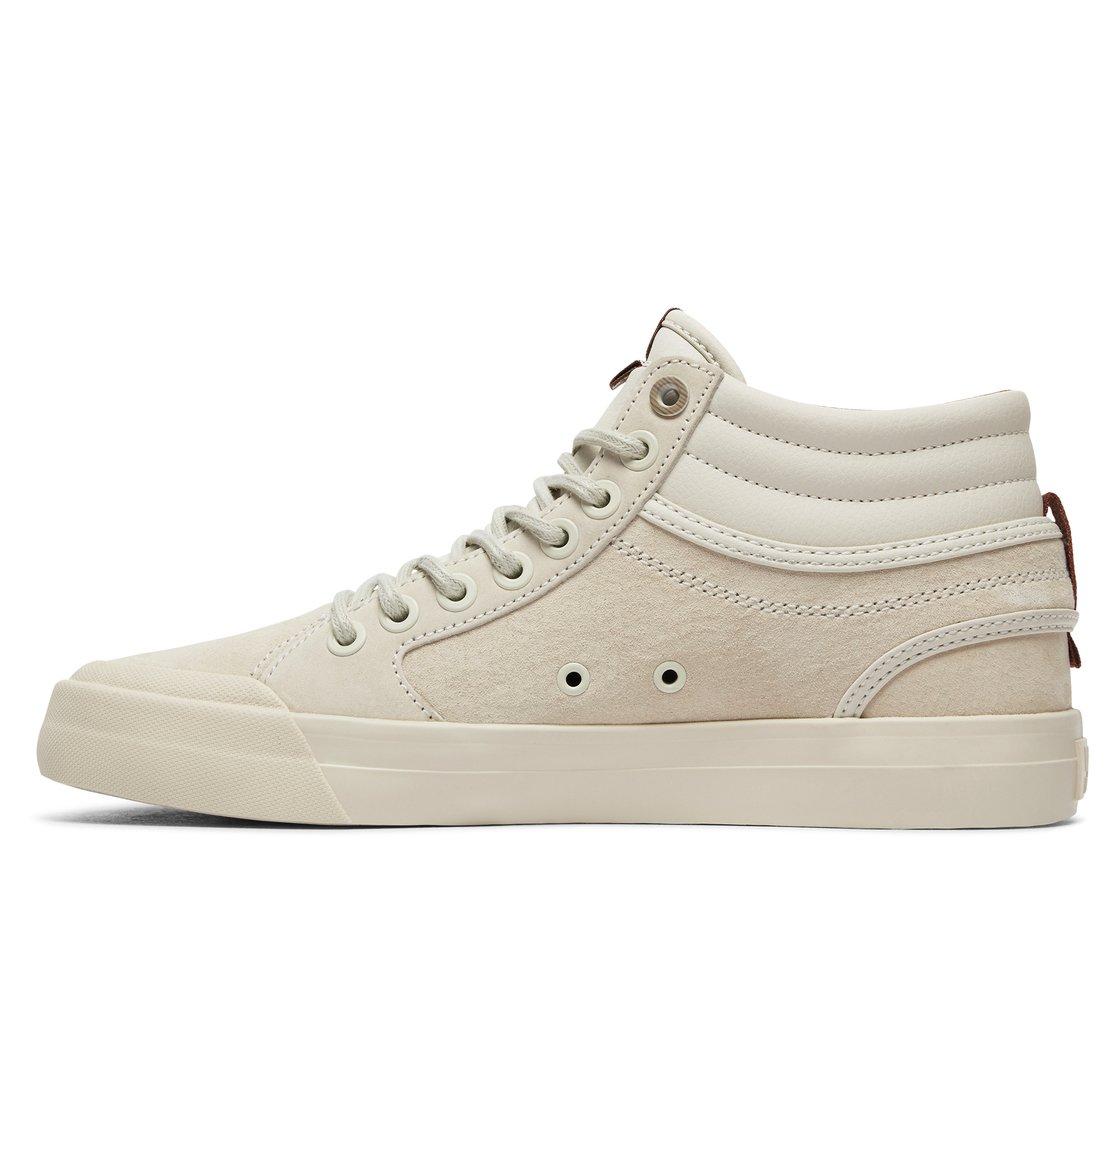 En Evan Dc Pour Femme Cuir Hi Montantes Chaussures Adjs300189 Shoes Btwxv8Uqtr